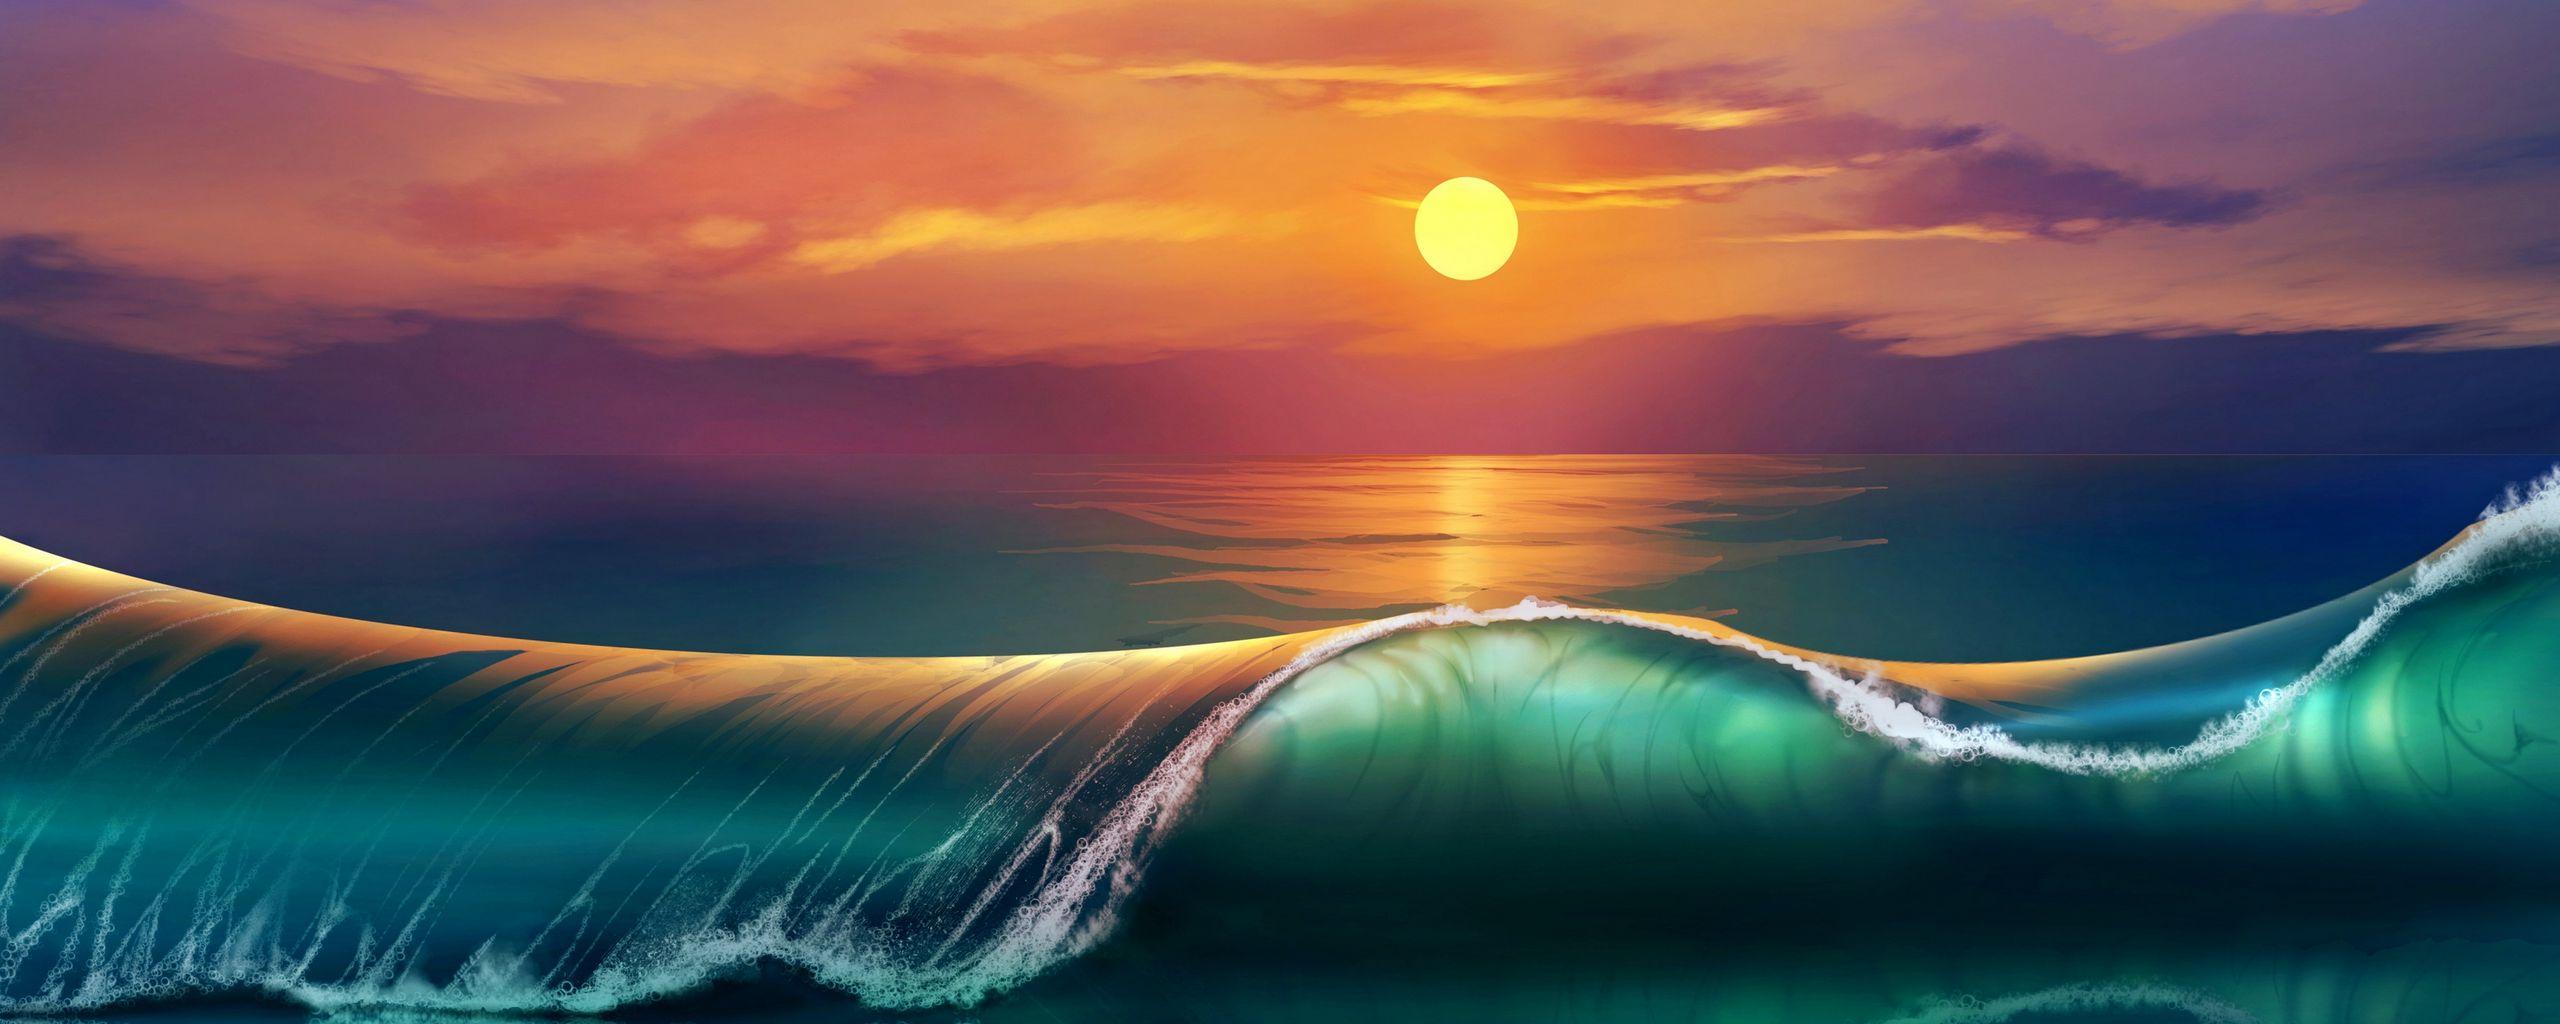 2560x1024 Wallpaper art, sunset, beach, sea, waves